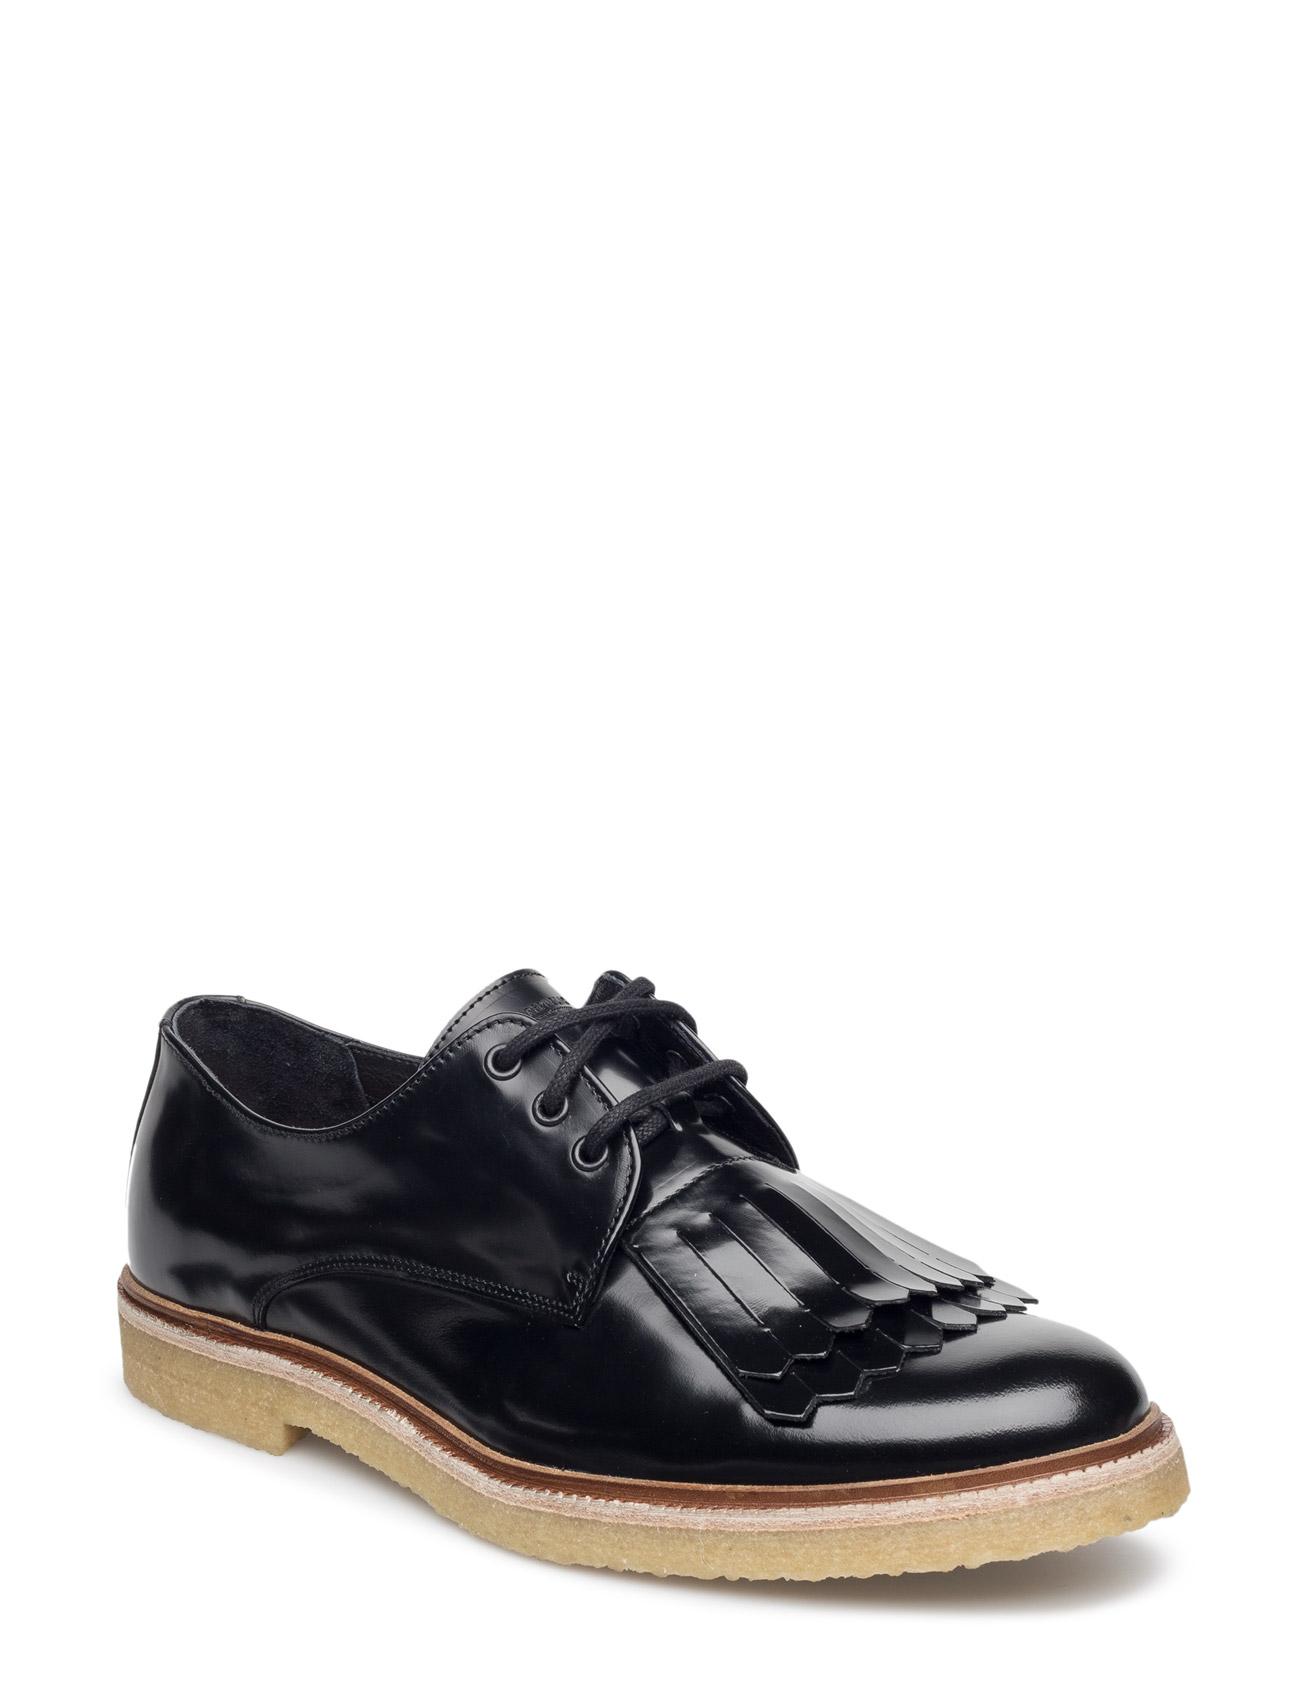 Cast Creep Derby Shoe W/Detachable Fringe Royal RepubliQ Casual sko til Herrer i Sort